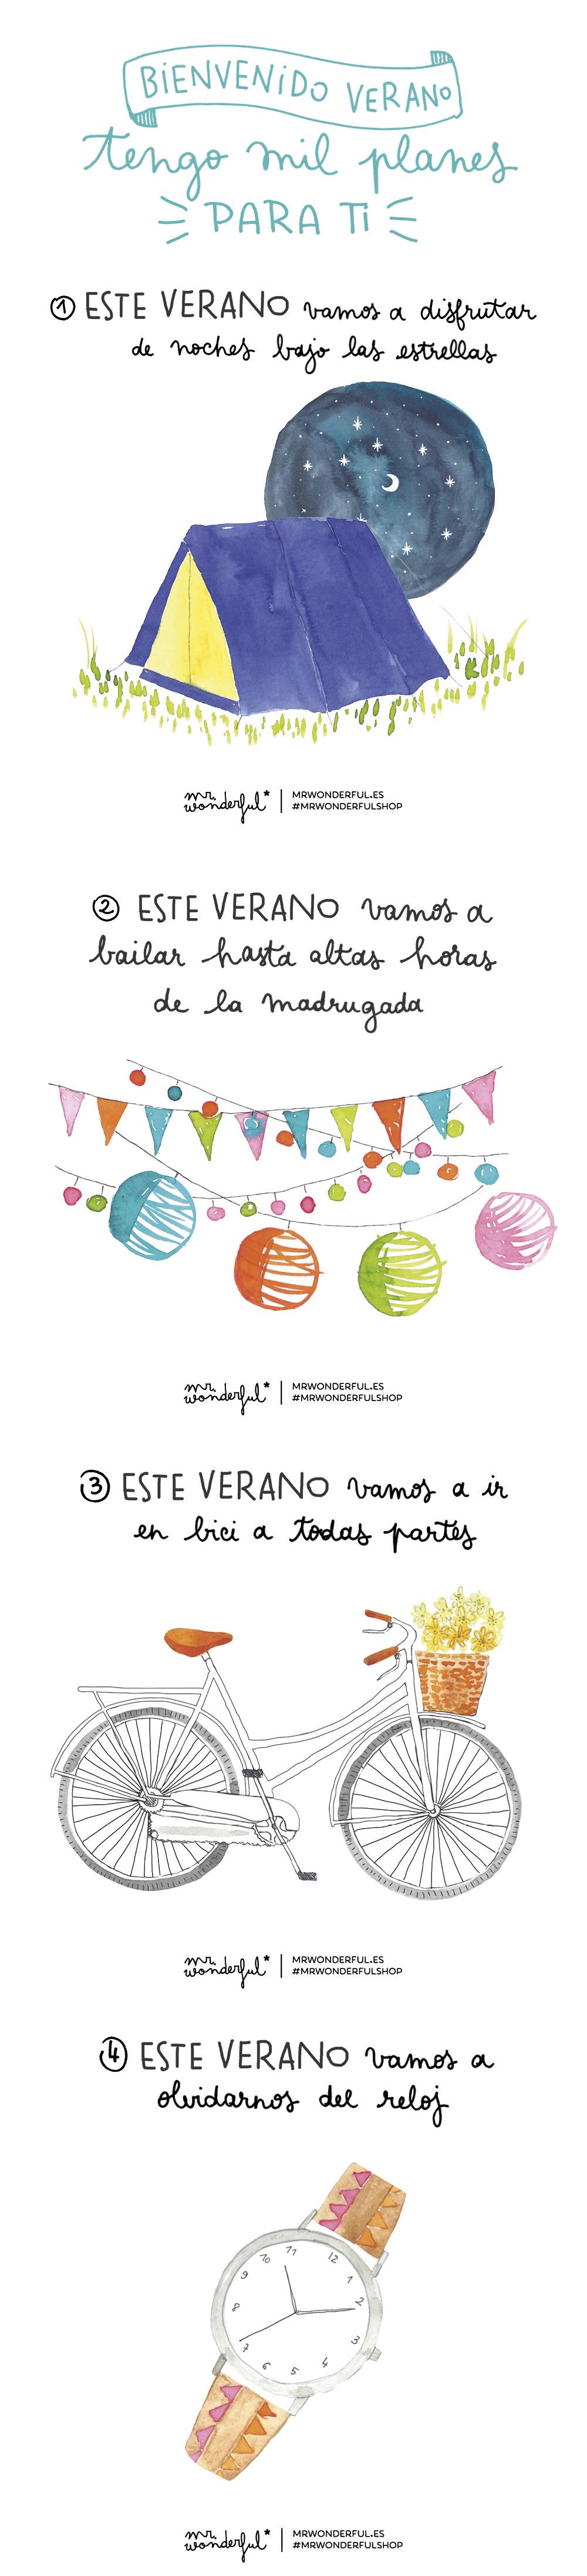 mrwonderful_bienvenido_verano